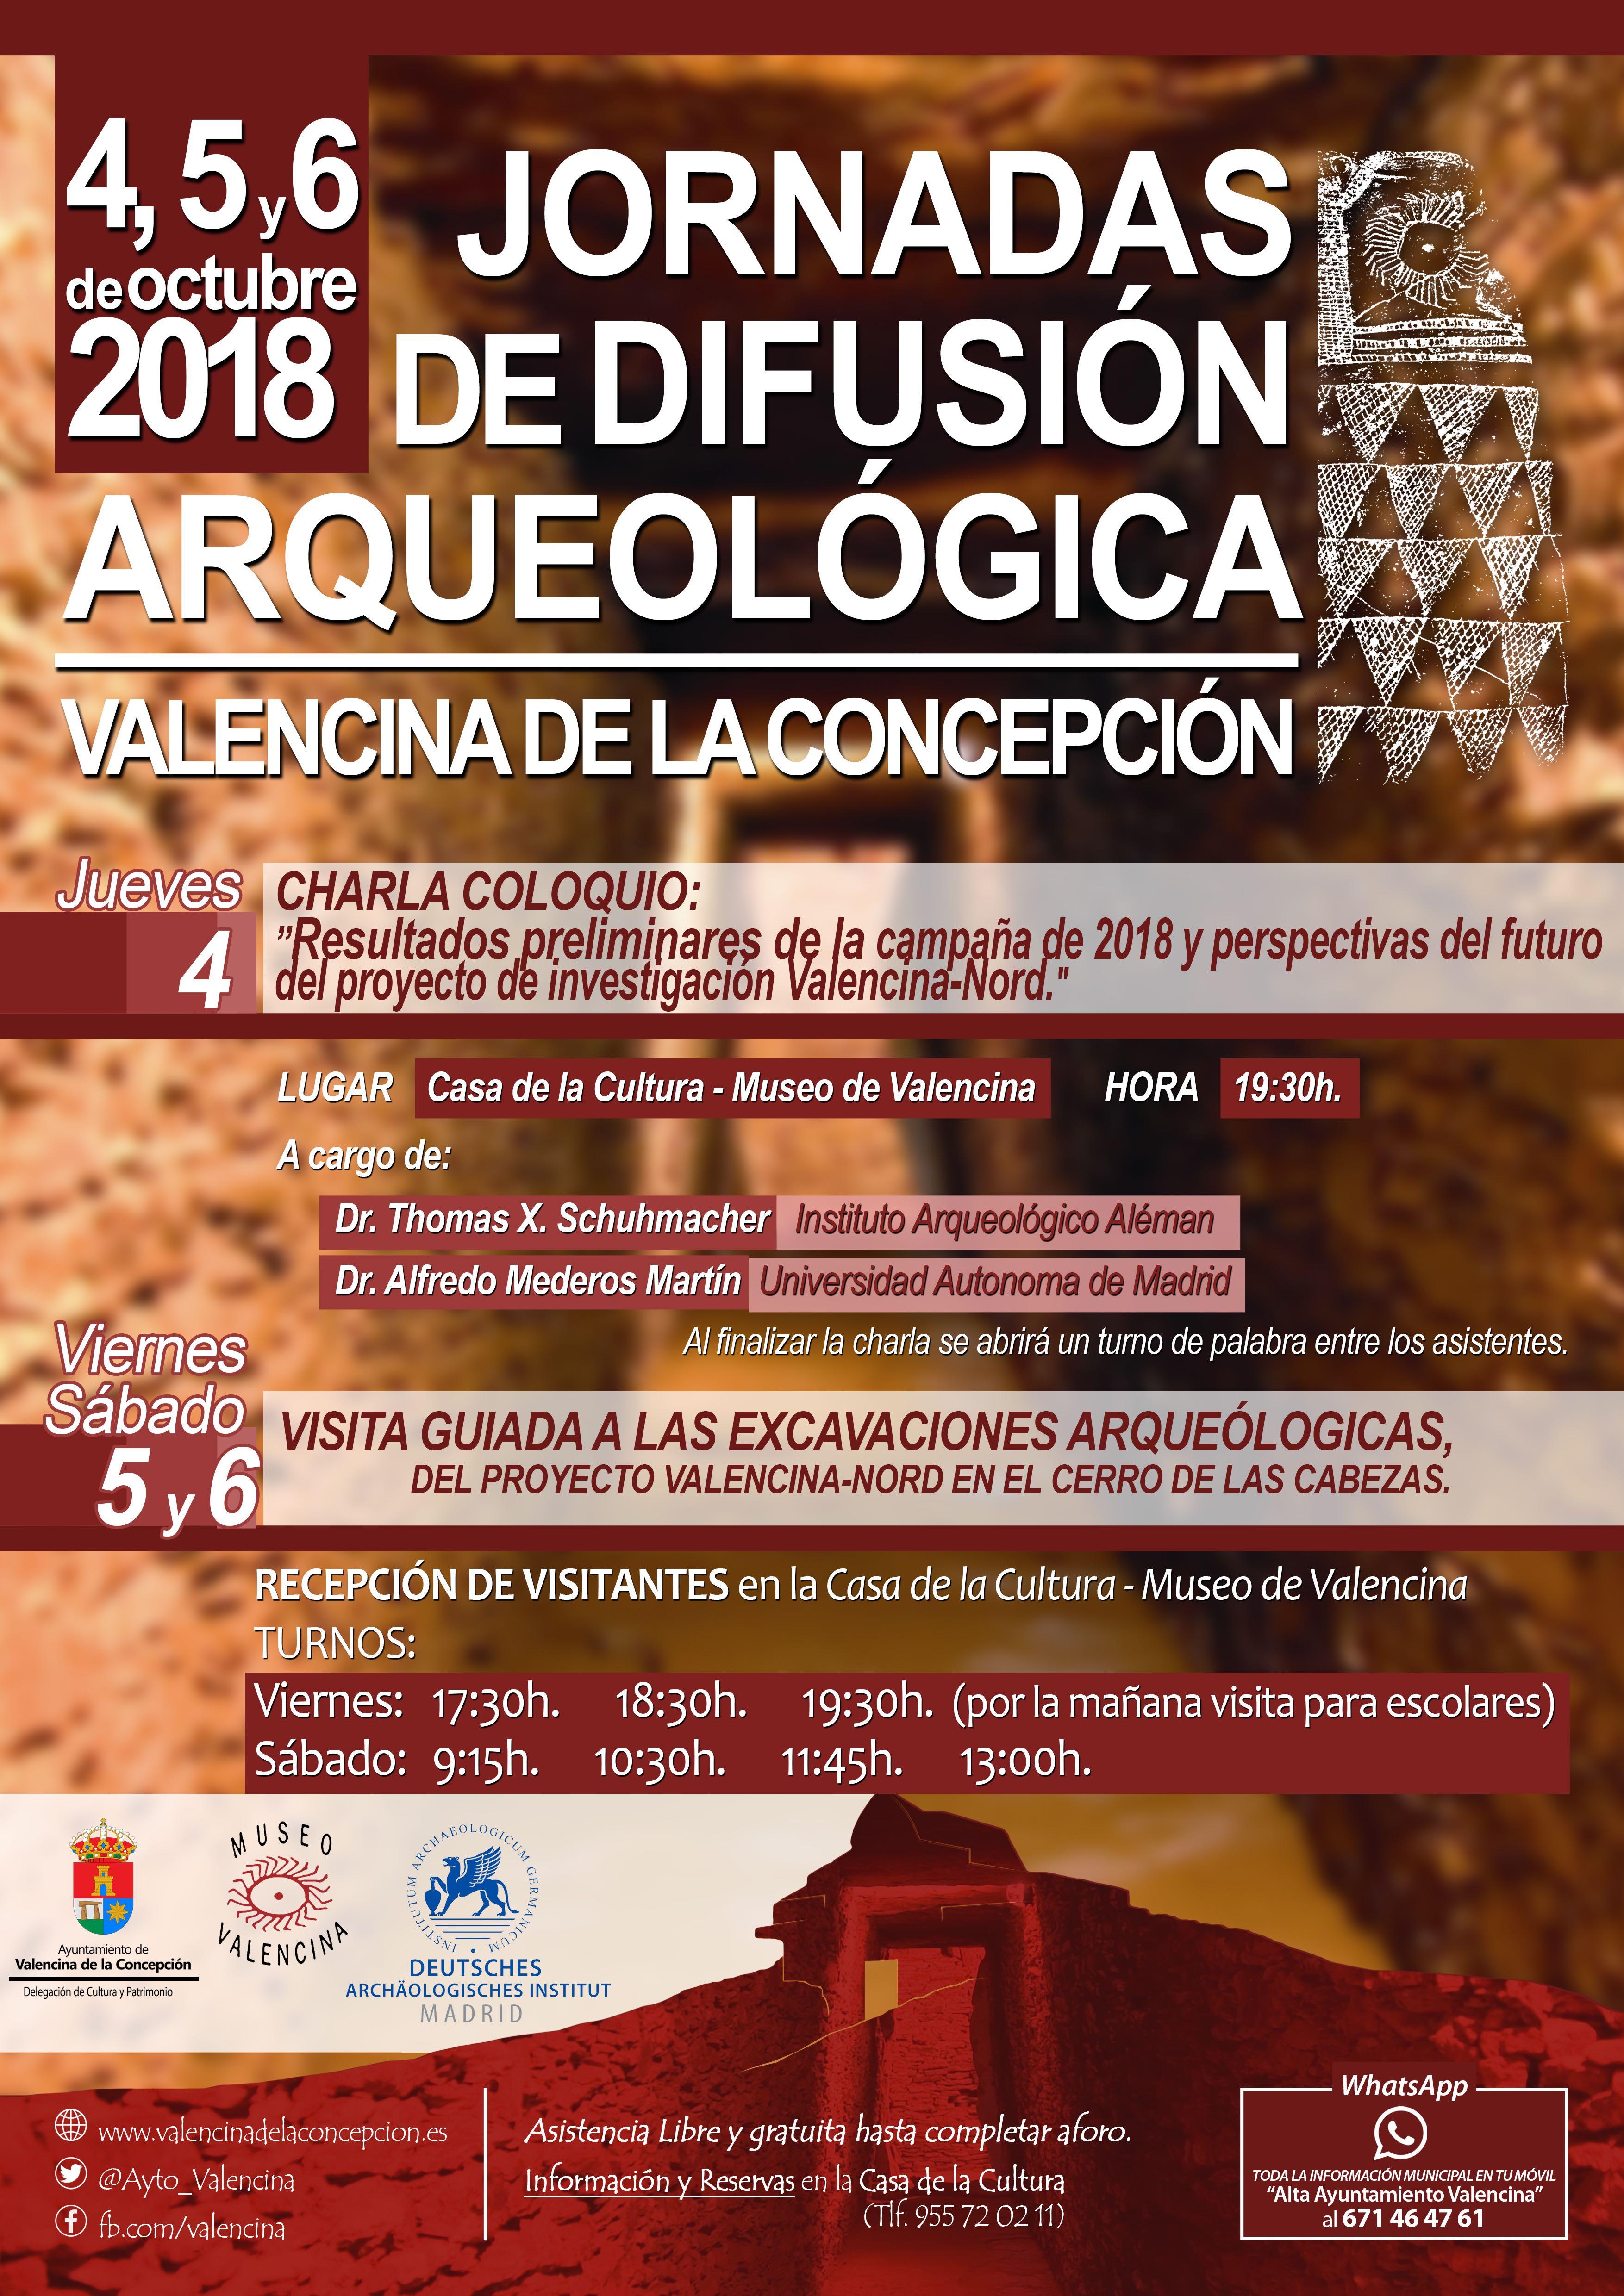 Una nueva edición de las Jornadas de Difusión Arqueológica expondrá los resultados preliminares 2018 del proyecto Valencina-Nord